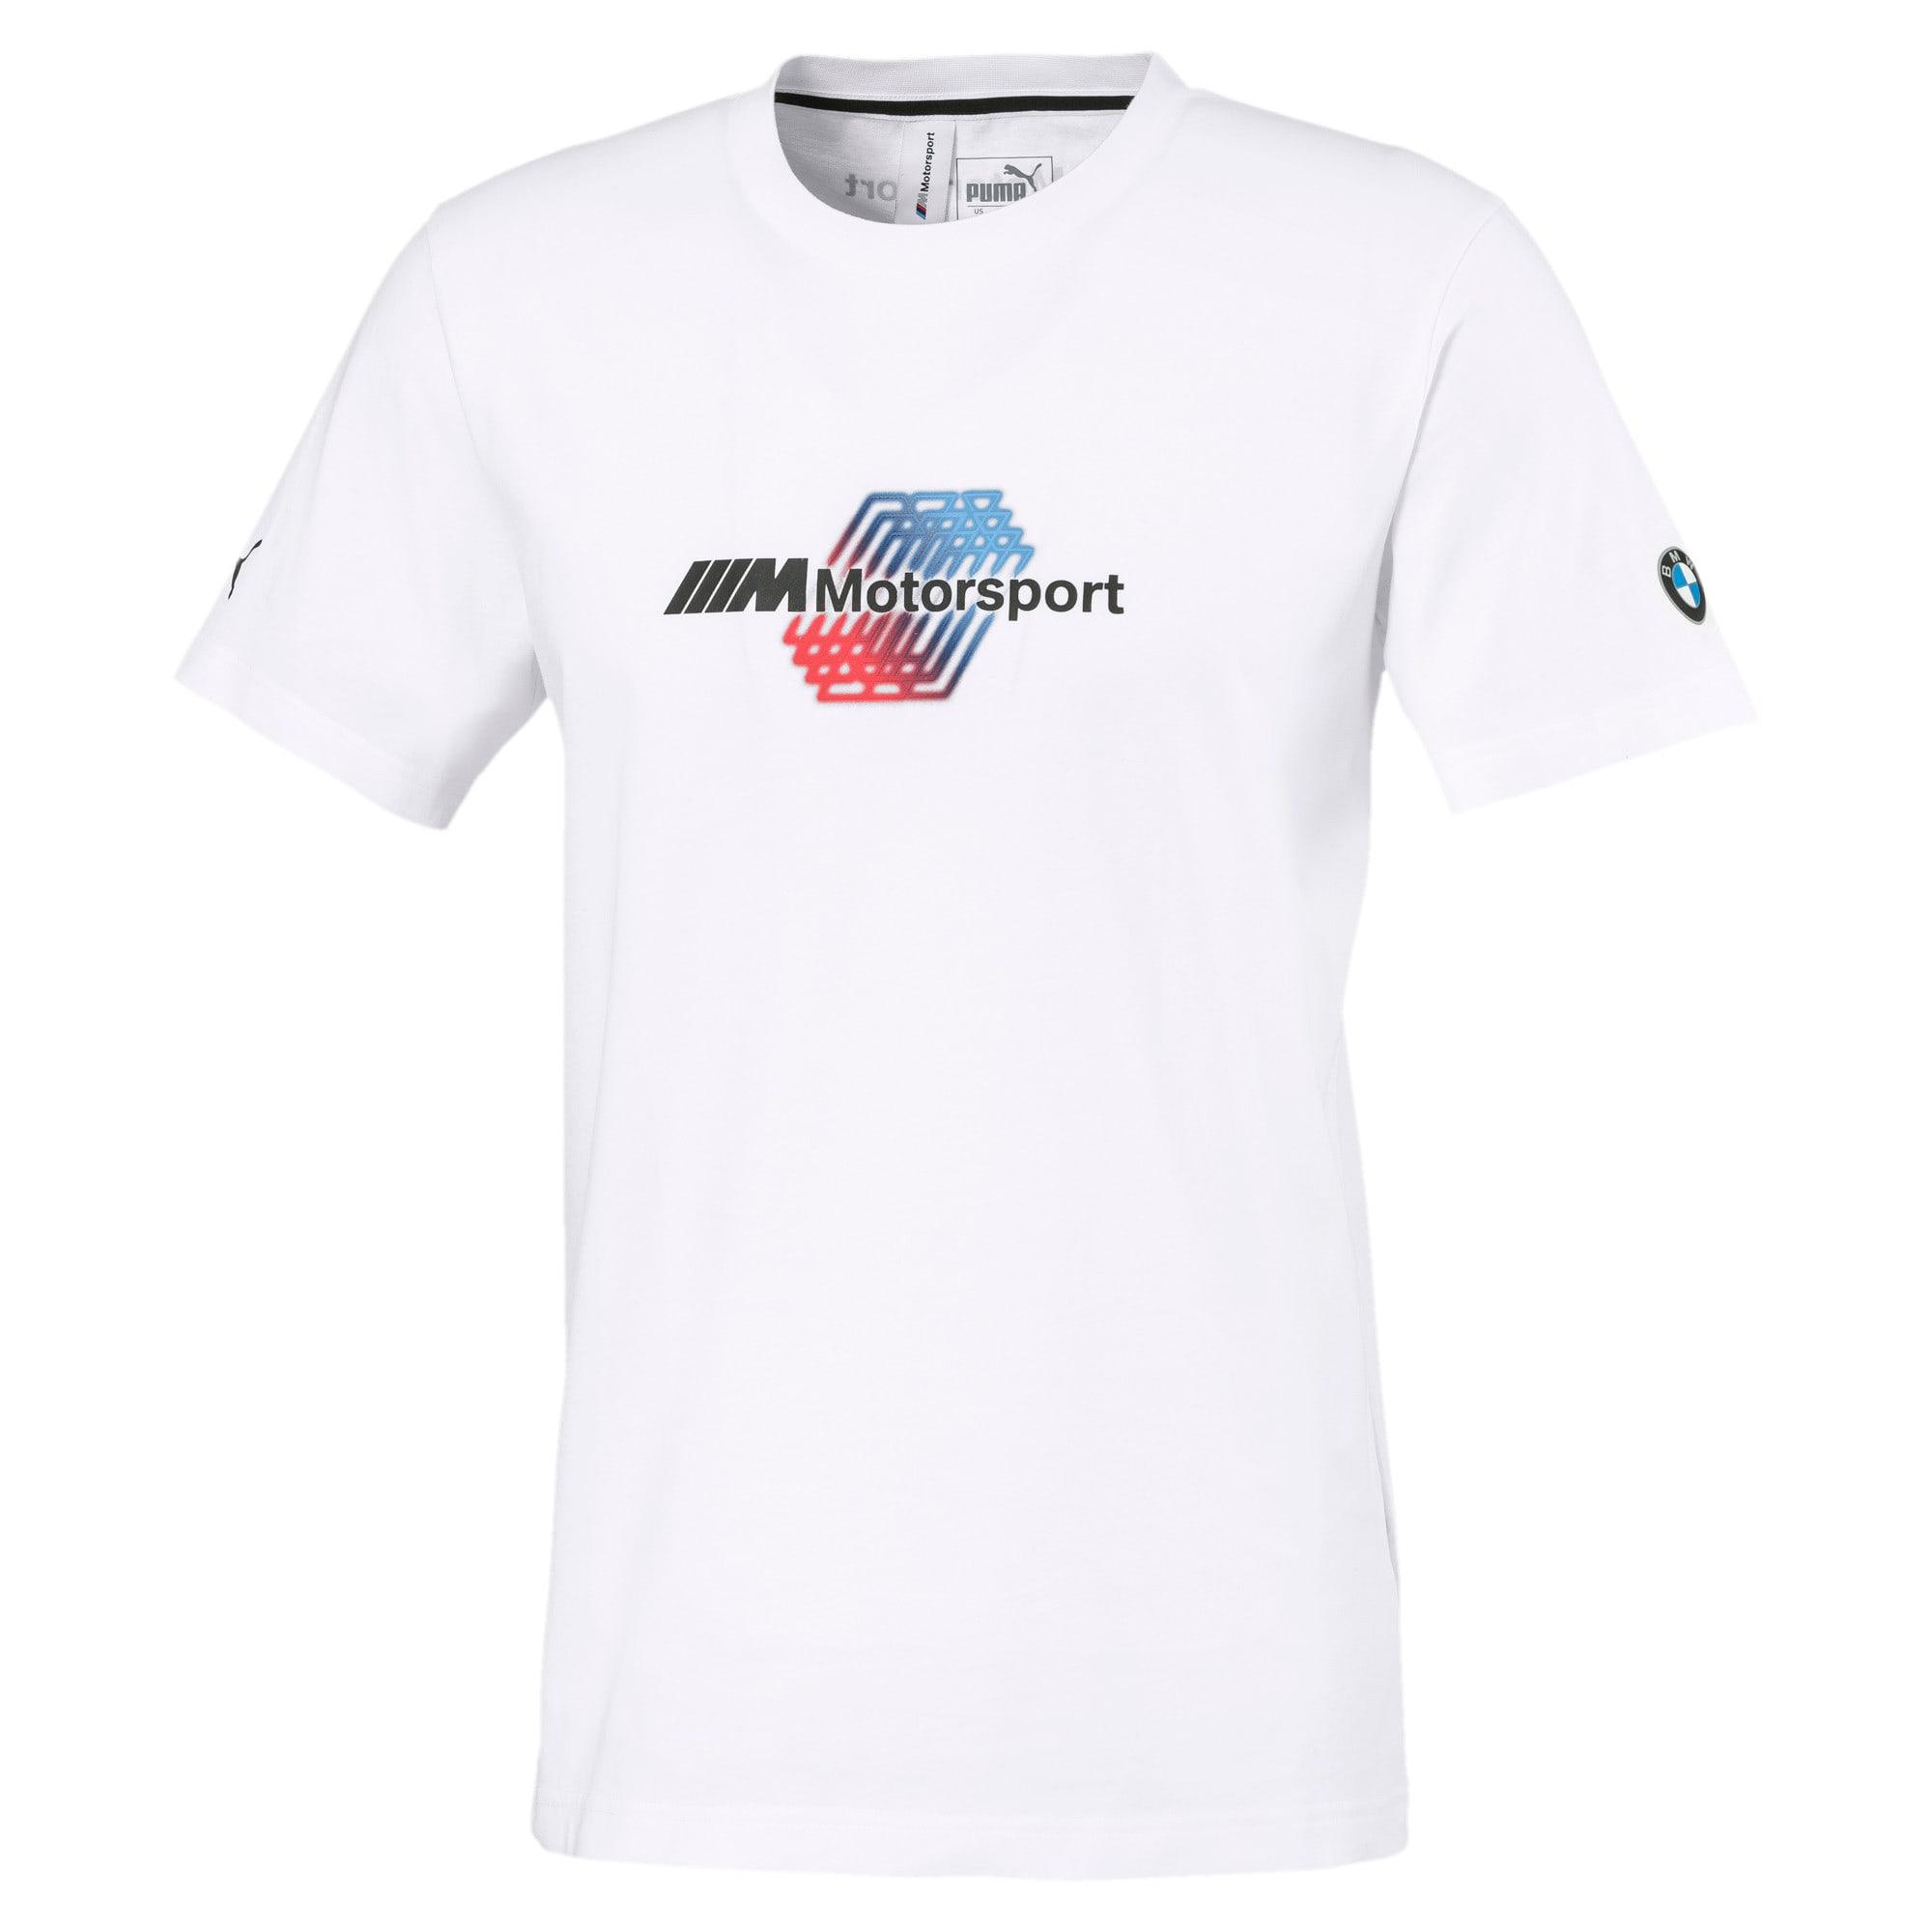 Thumbnail 4 of BMW M Motorsports Logo Men's Tee, Puma White, medium